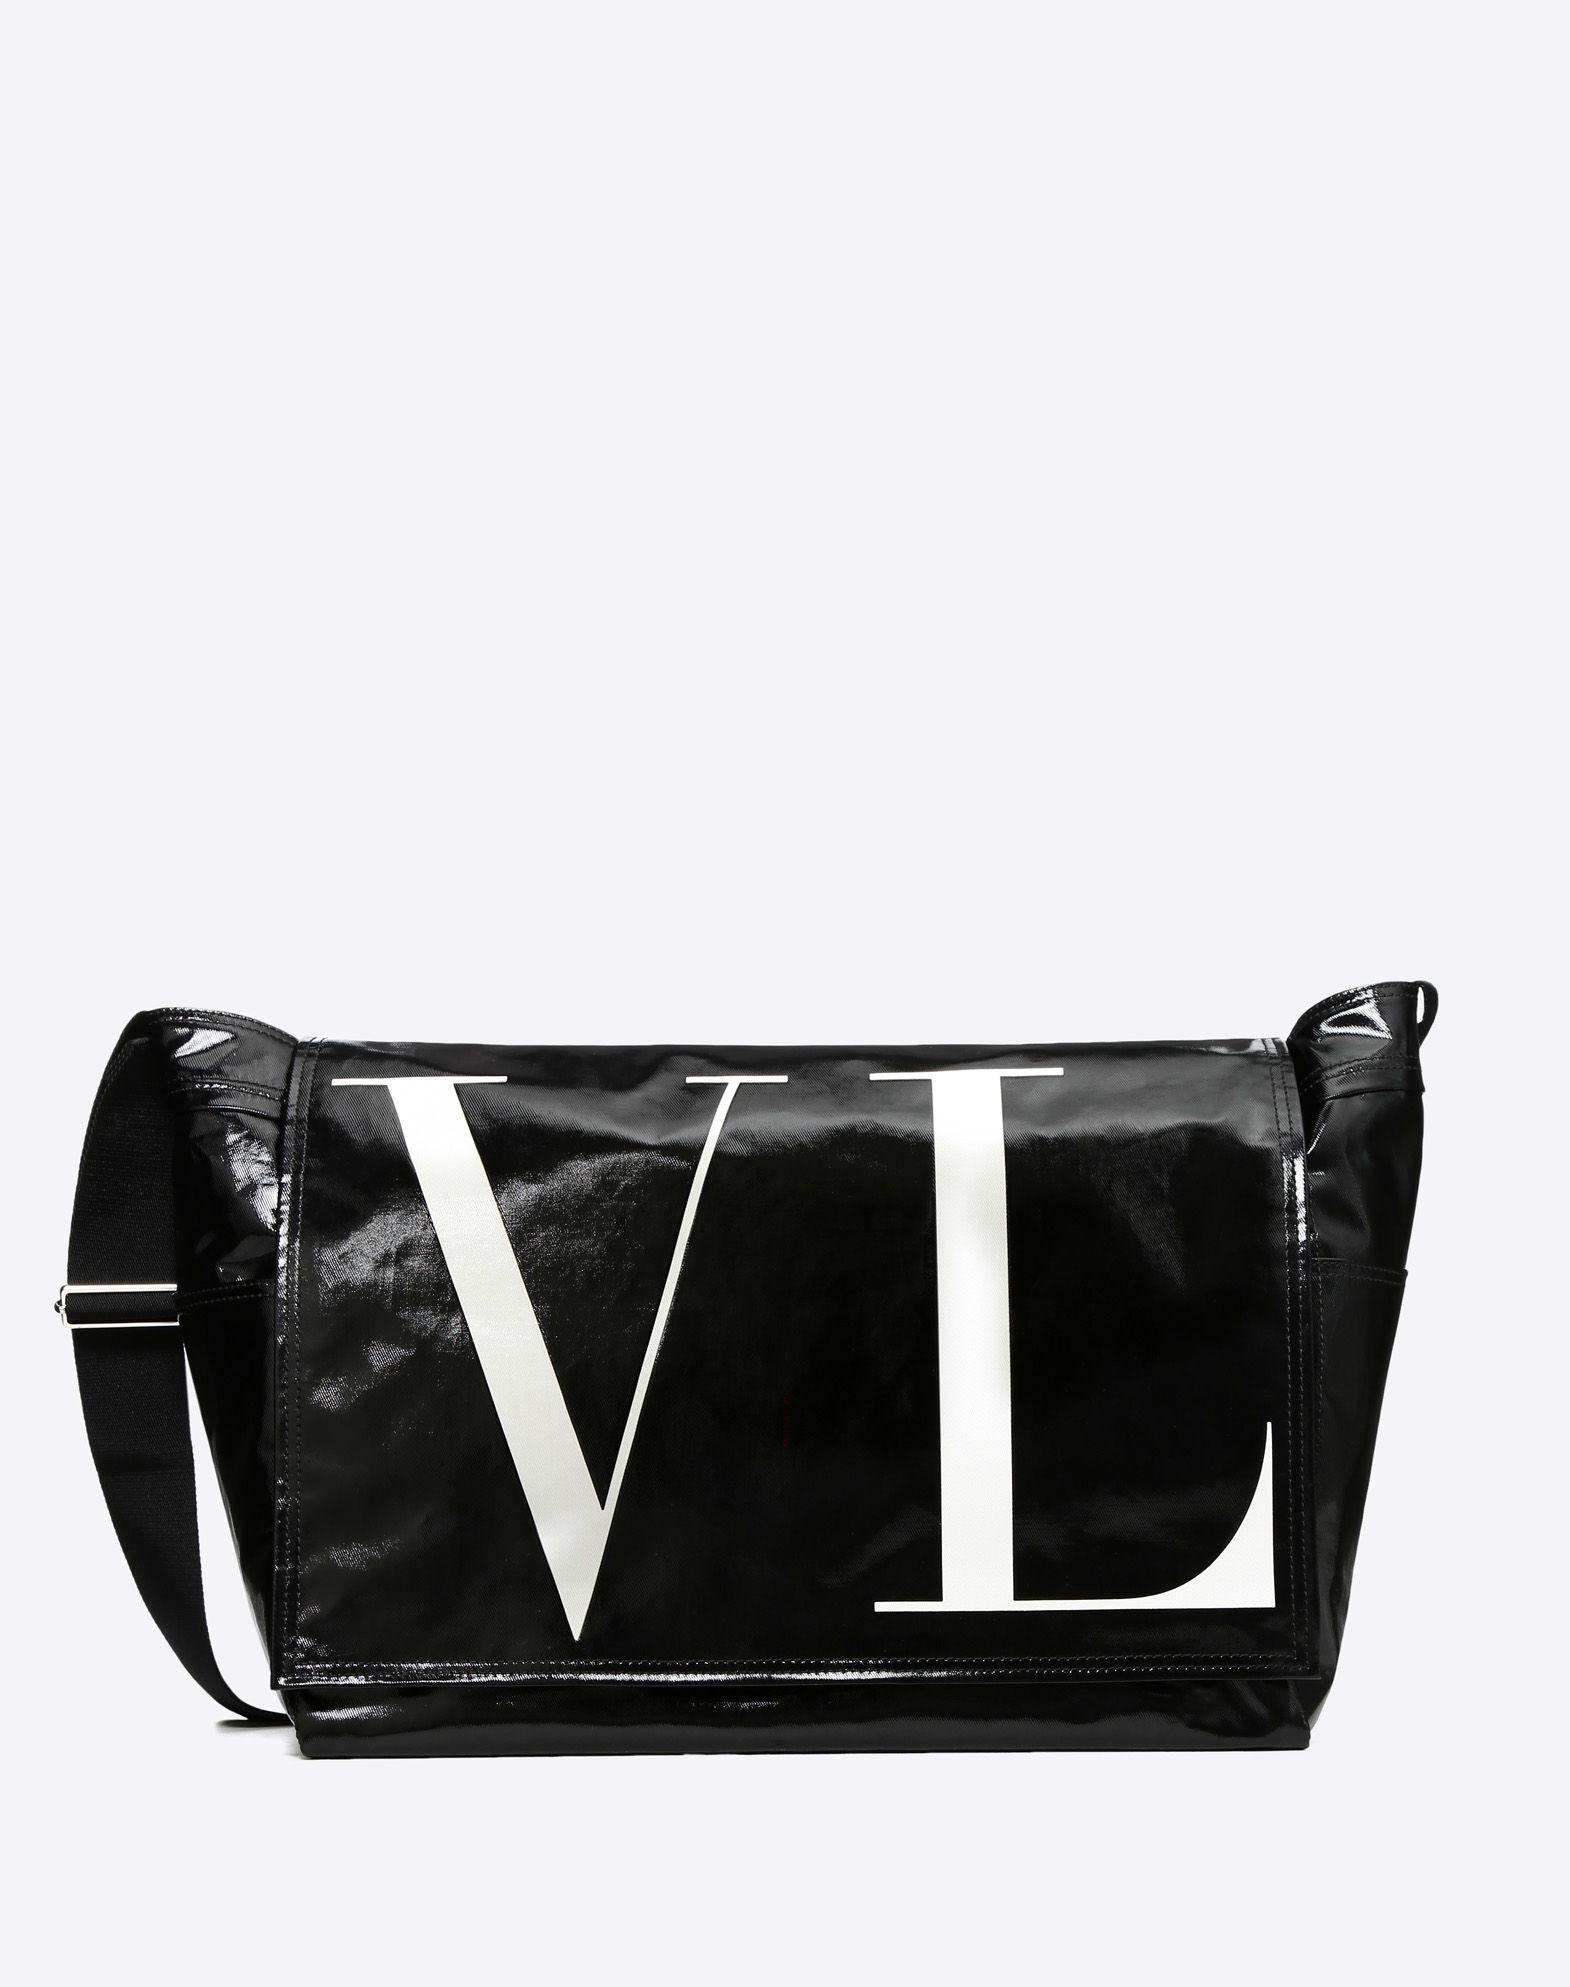 VLTN LARGE SHINY CANVAS MESSENGER BAG